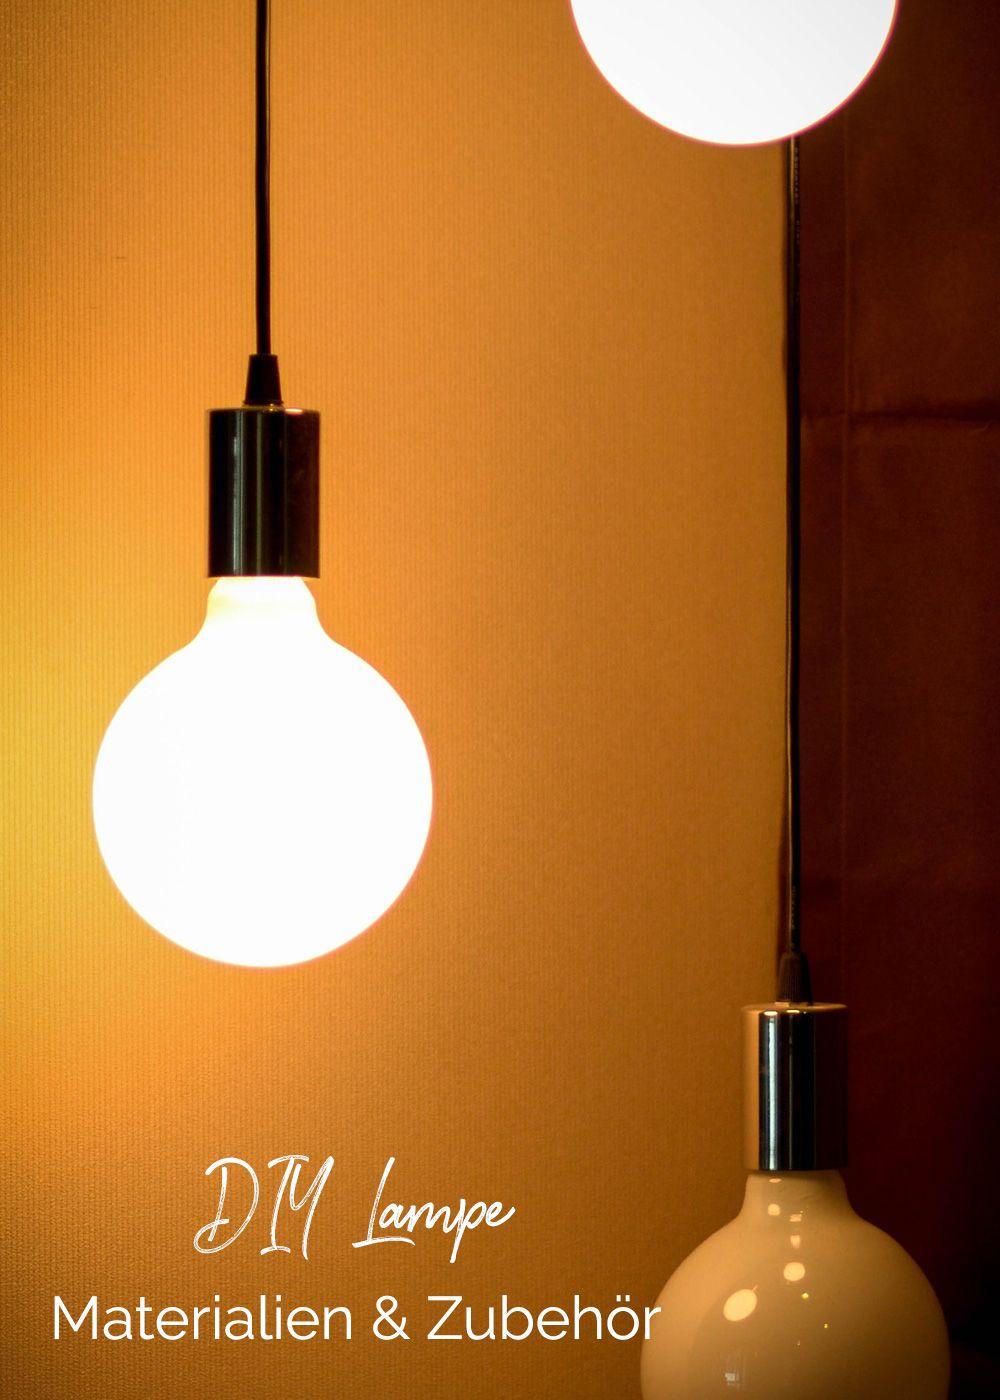 Full Size of Wohnzimmer Lampe Selber Bauen Eine Selbst Lampenfassung Kopfteil Bett Deckenlampen Stehlampe Hängeleuchte Fototapeten Vorhänge Bad Lampen Deckenlampe Küche Wohnzimmer Wohnzimmer Lampe Selber Bauen